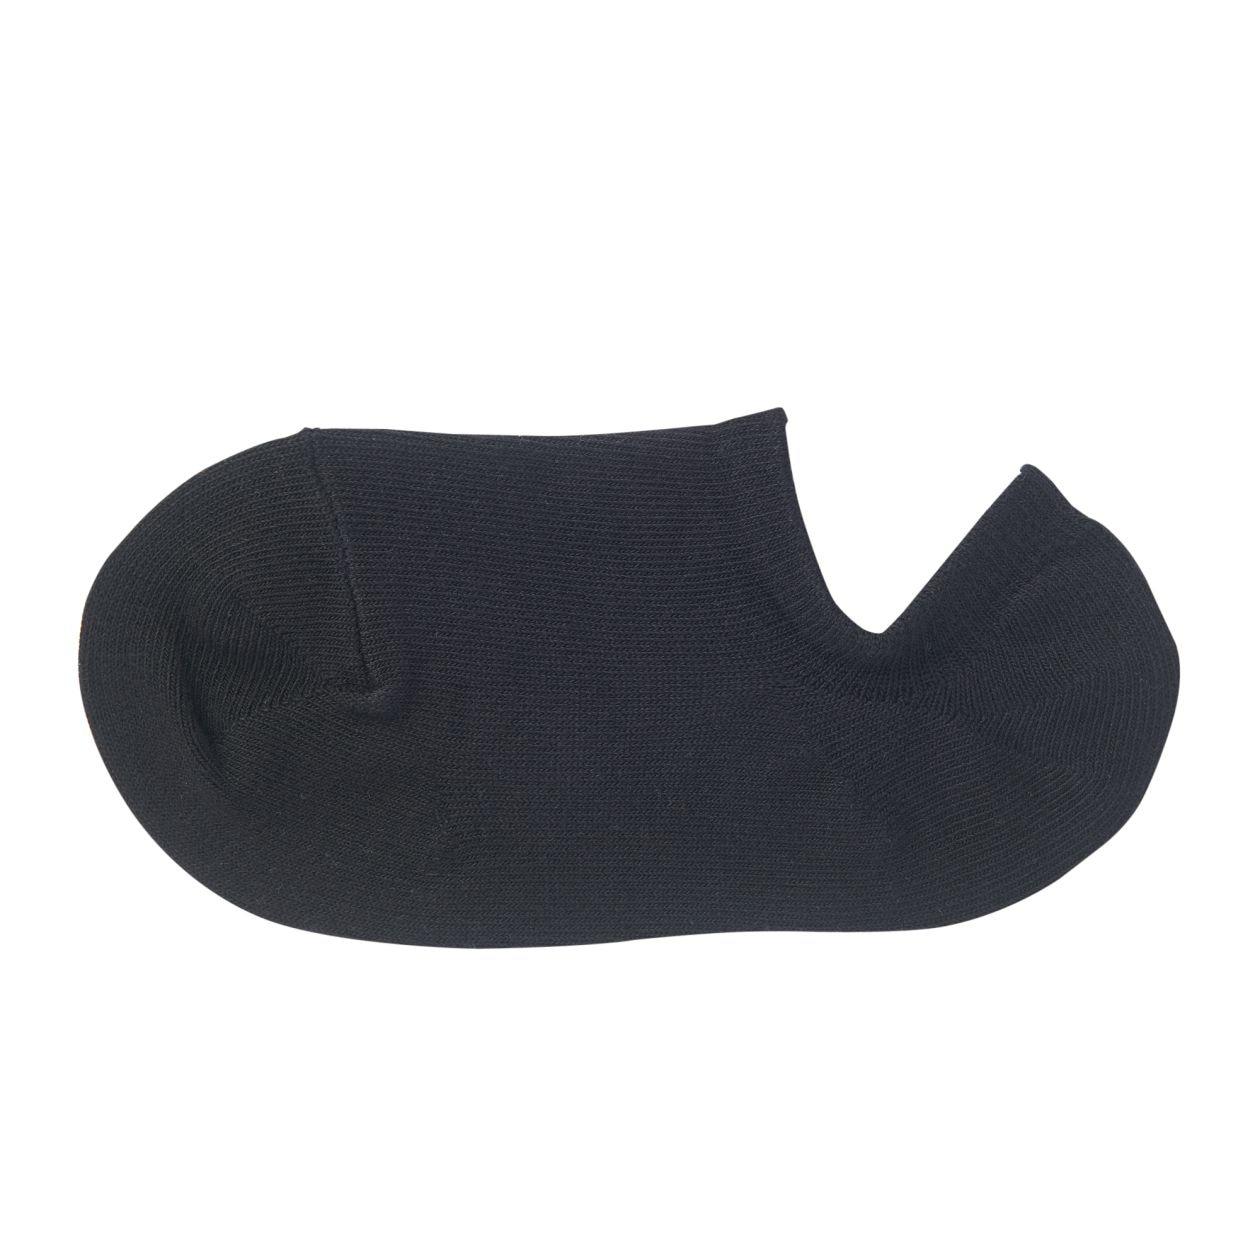 足なり直角 浅履きスニーカーイン靴下(婦人・えらべる)